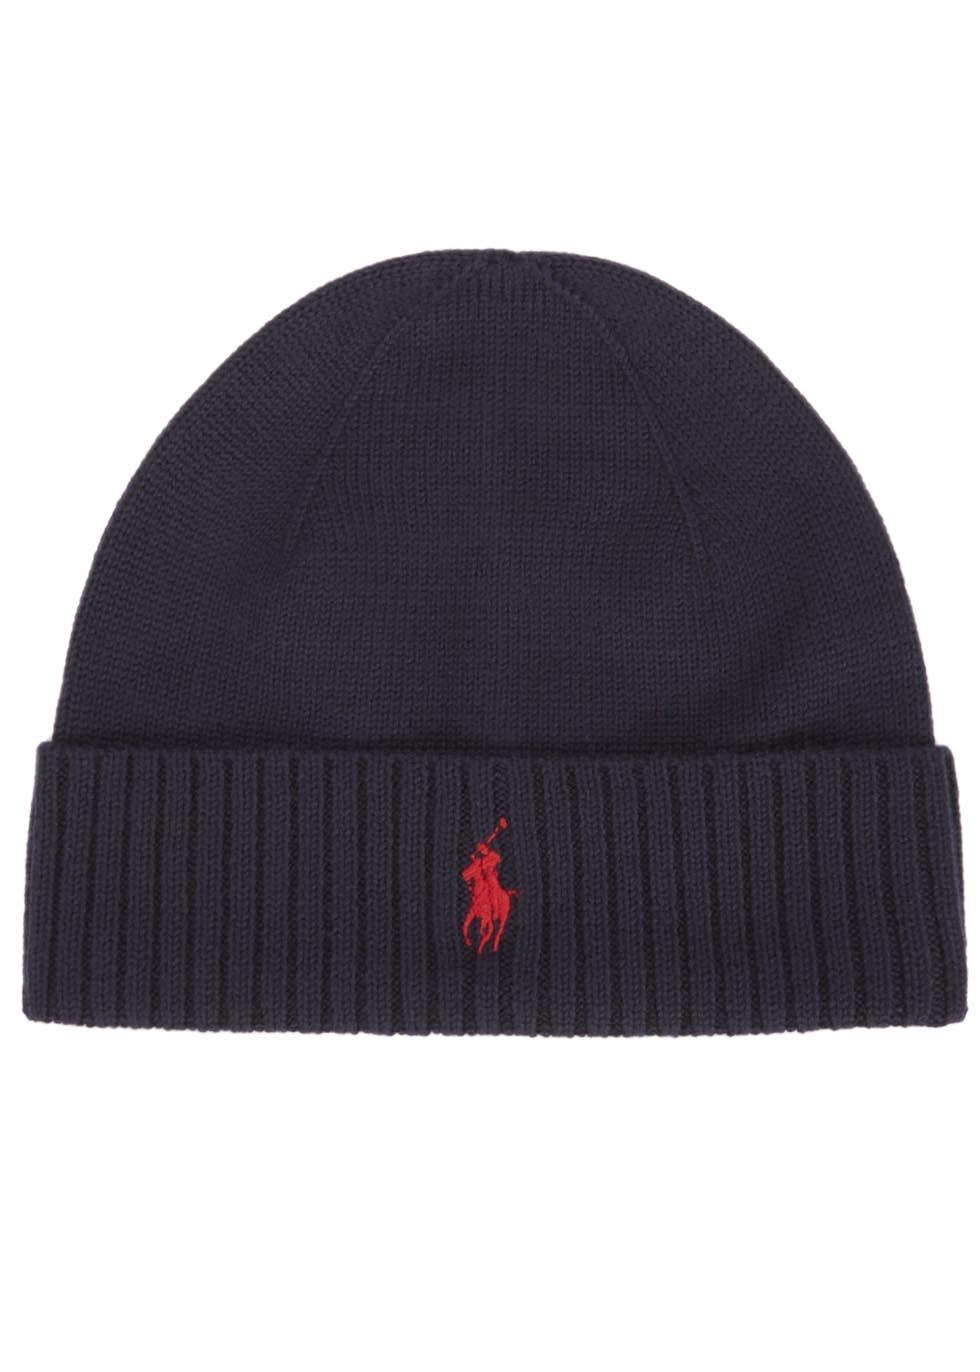 c258a7342 Navy Wool Hat #JQ28 – Advancedmassagebysara